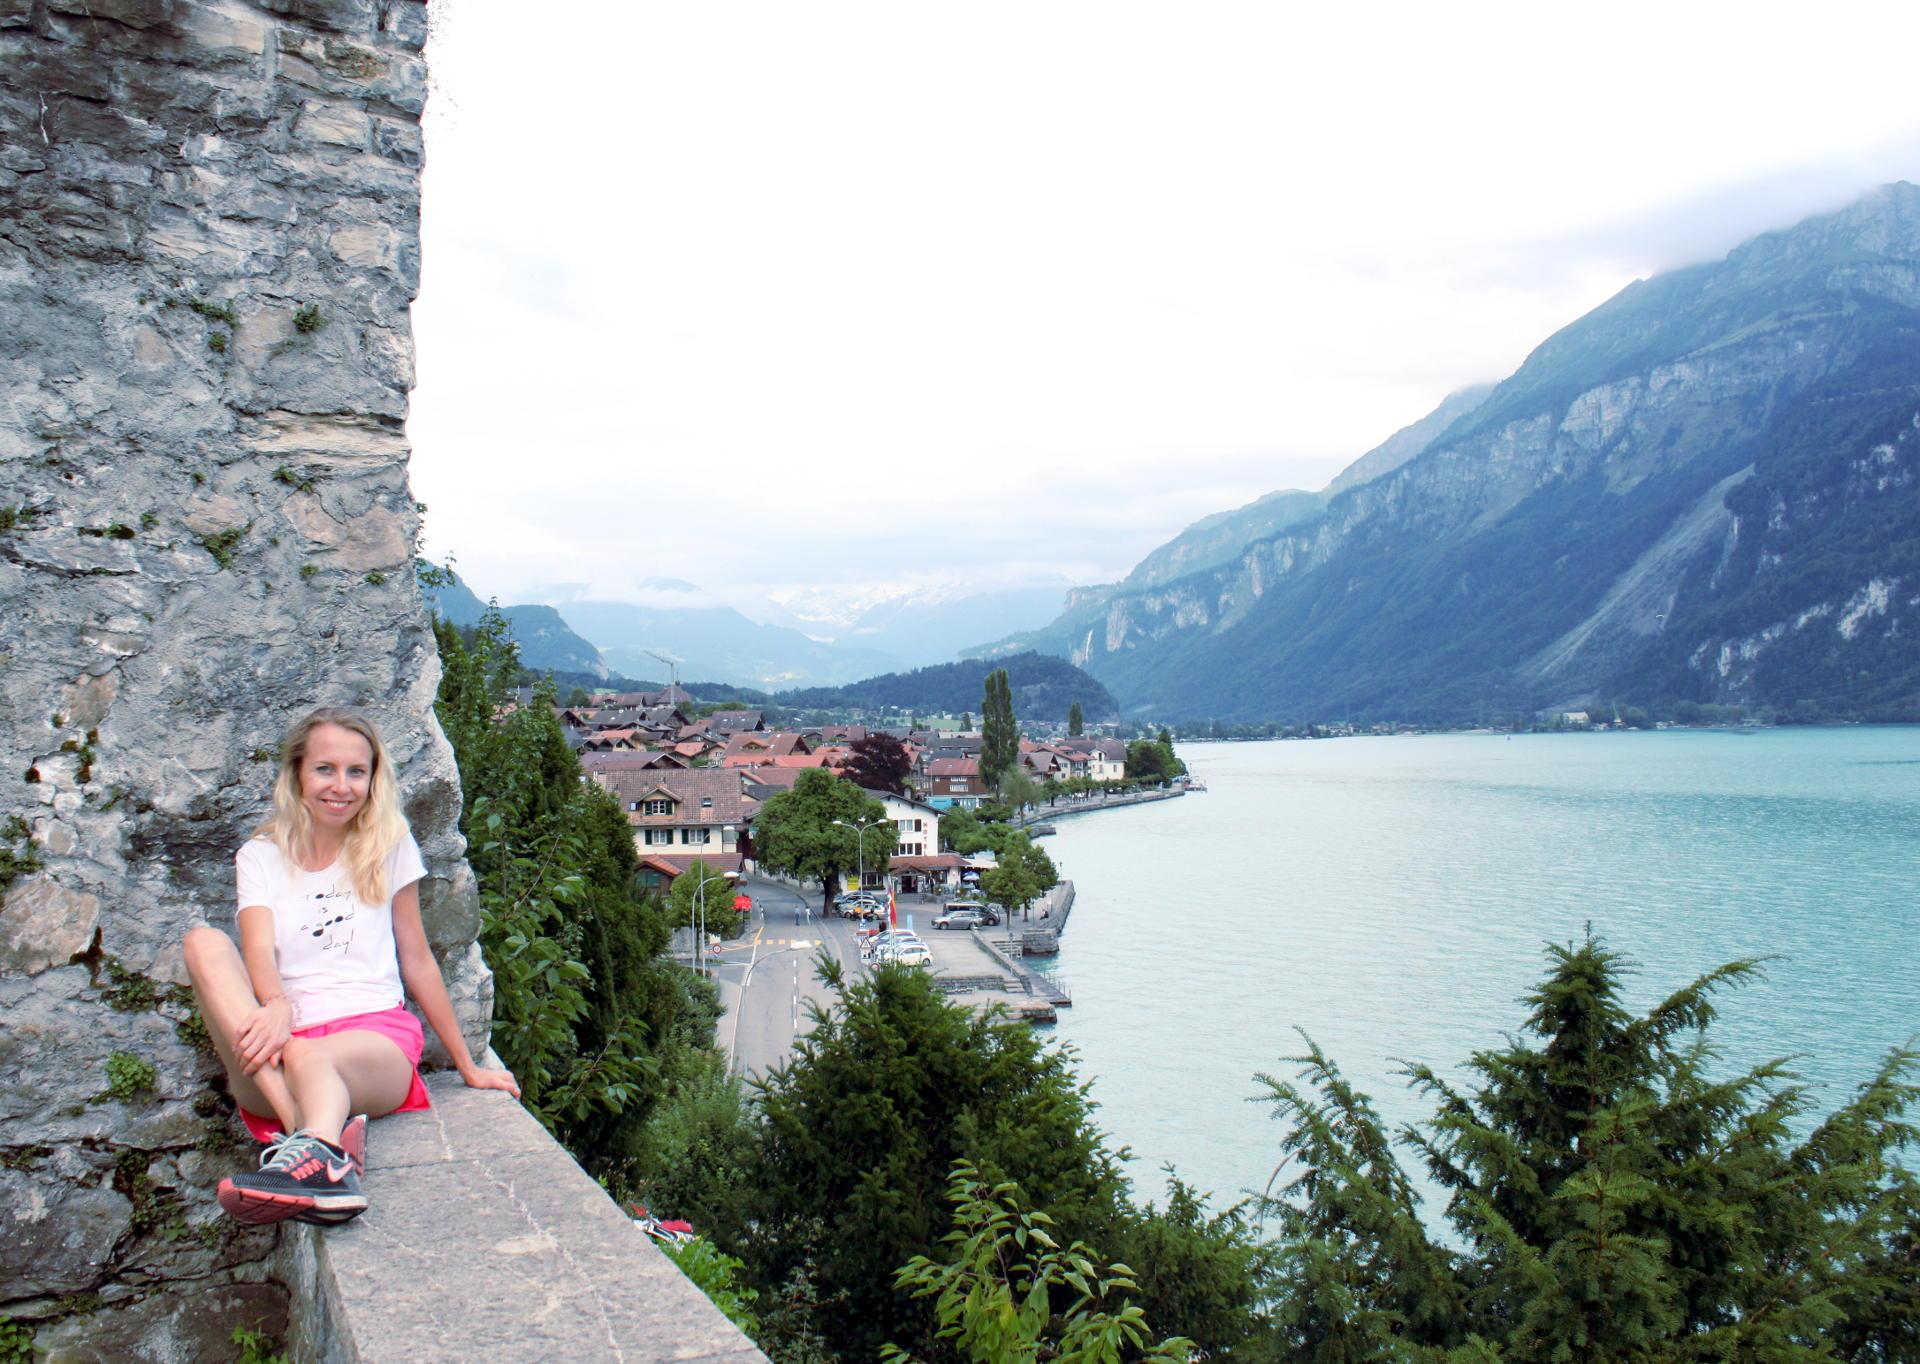 szwajcaria brienz iglawpodrozy